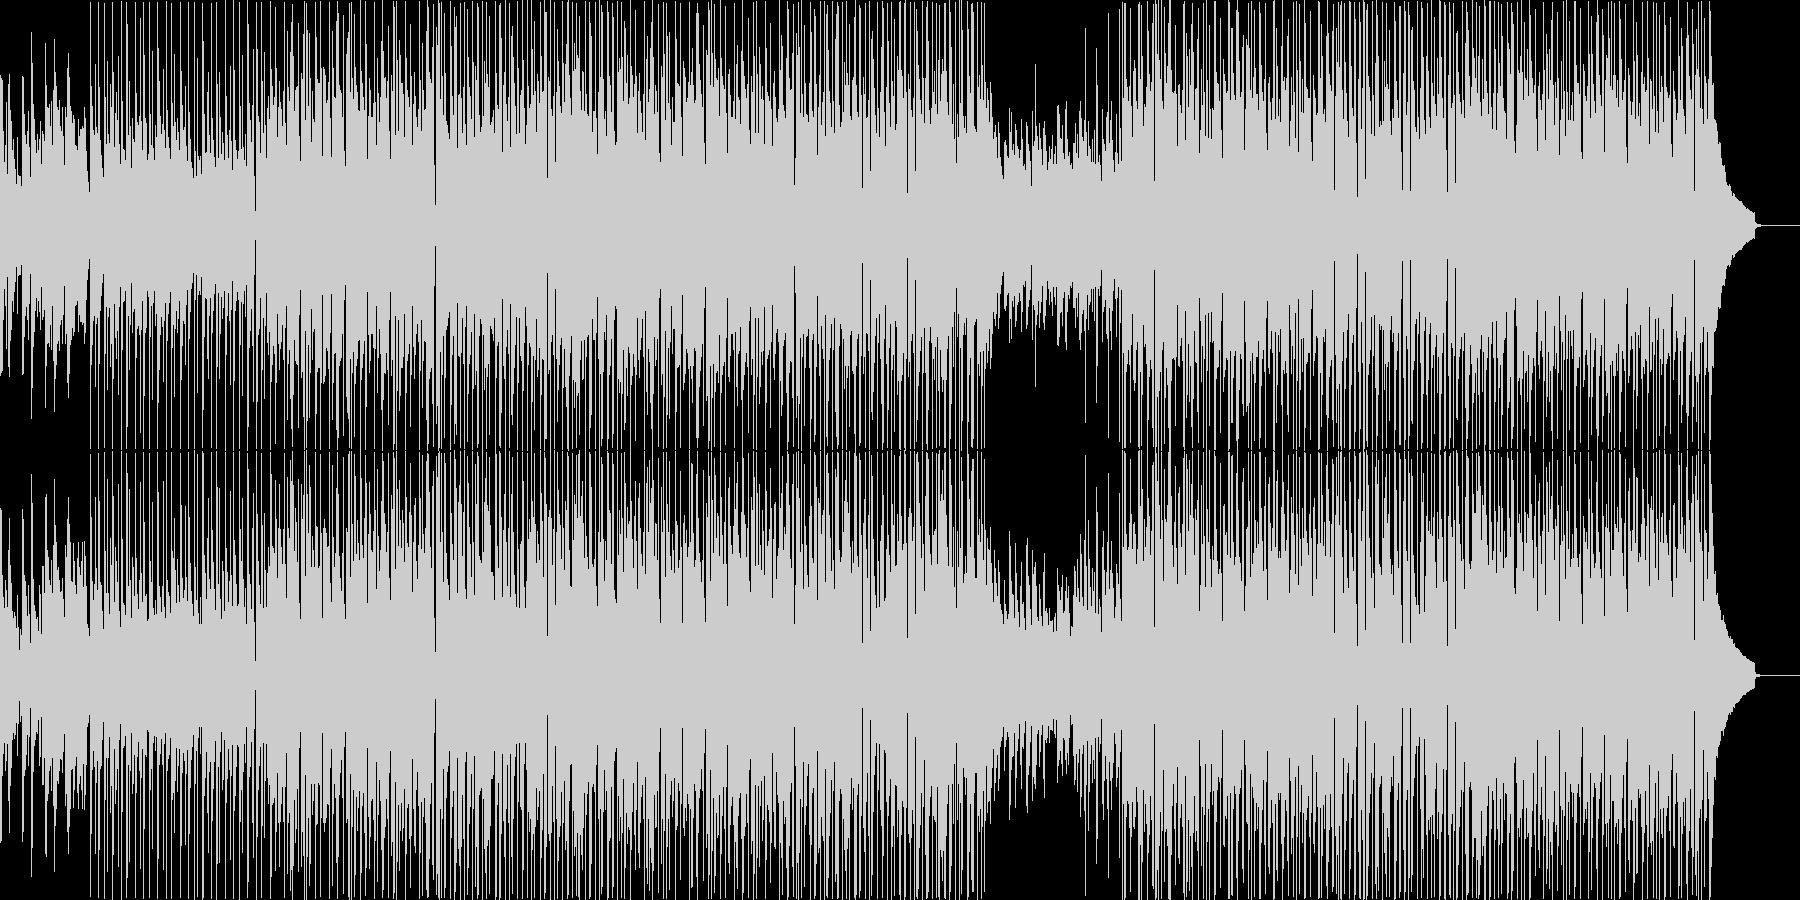 ポジティブで爽やかなピアノバンドの未再生の波形